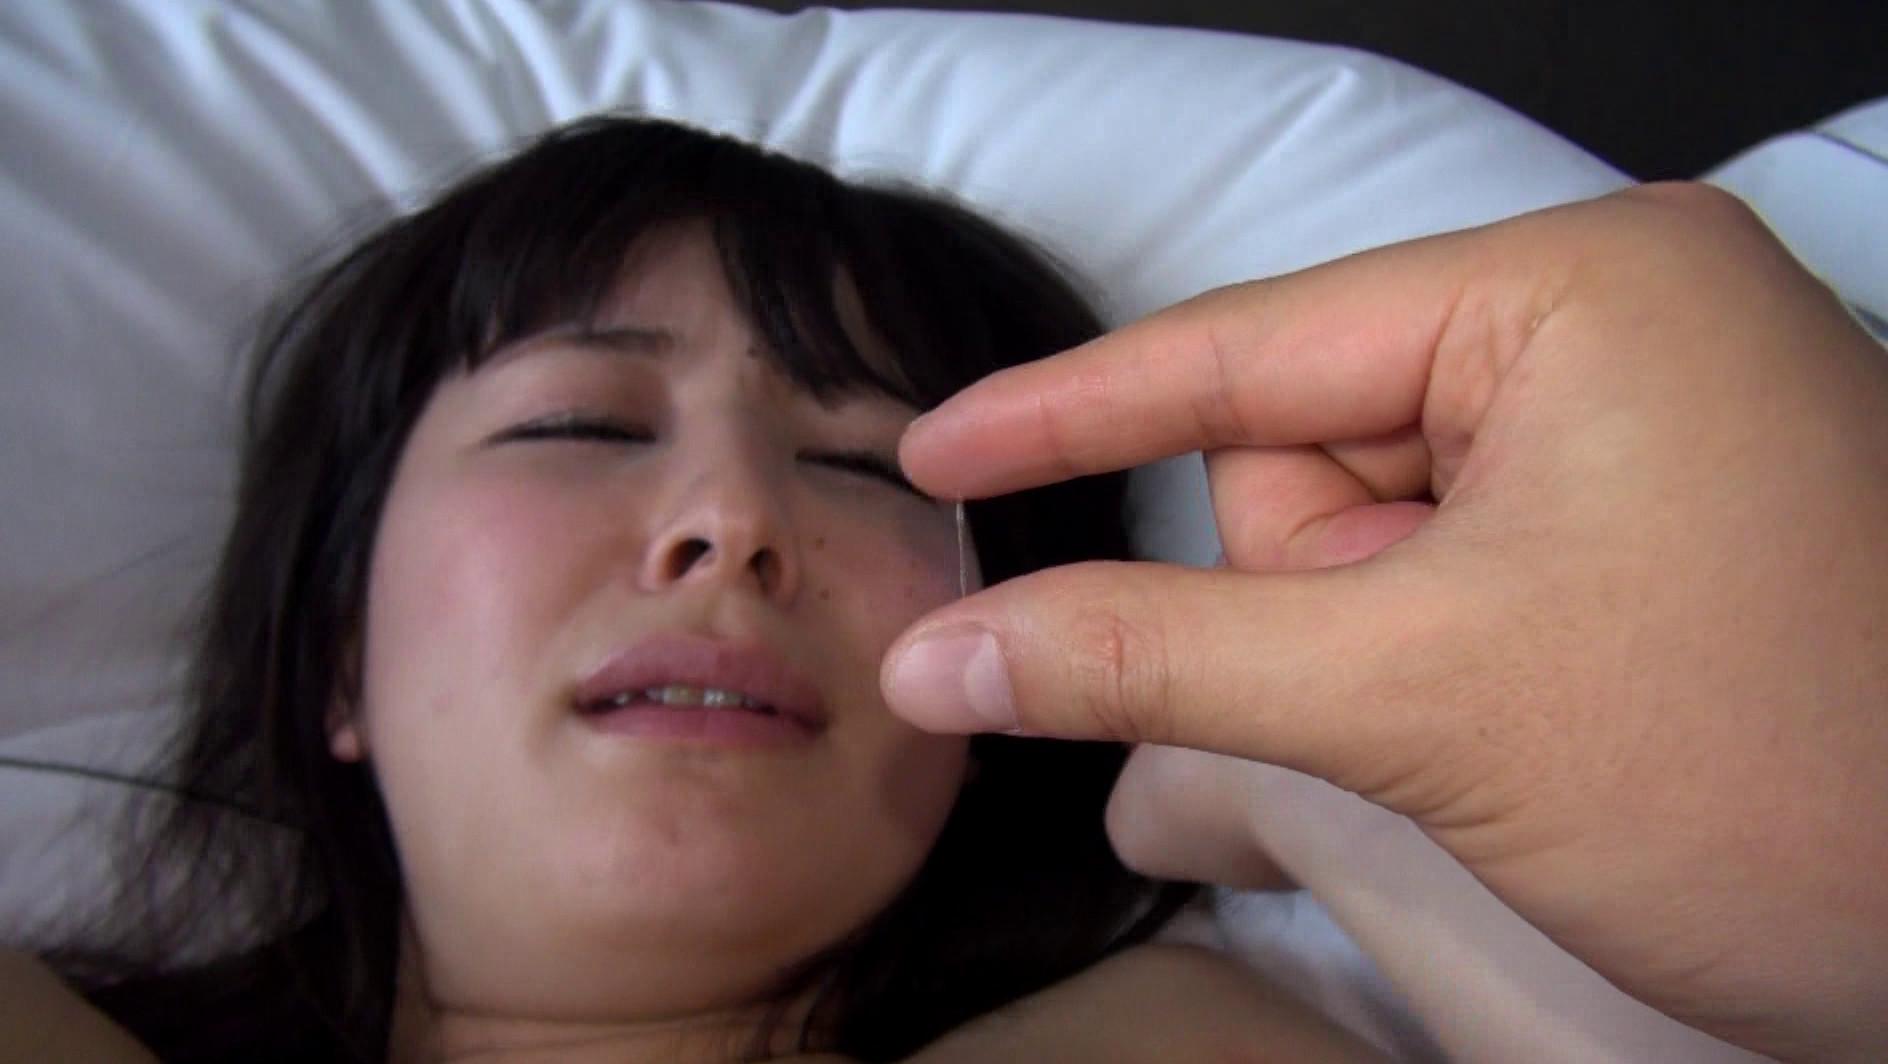 【独占放送】かわいい素○娘をナンパしてハメる! 4時間 Vol.16